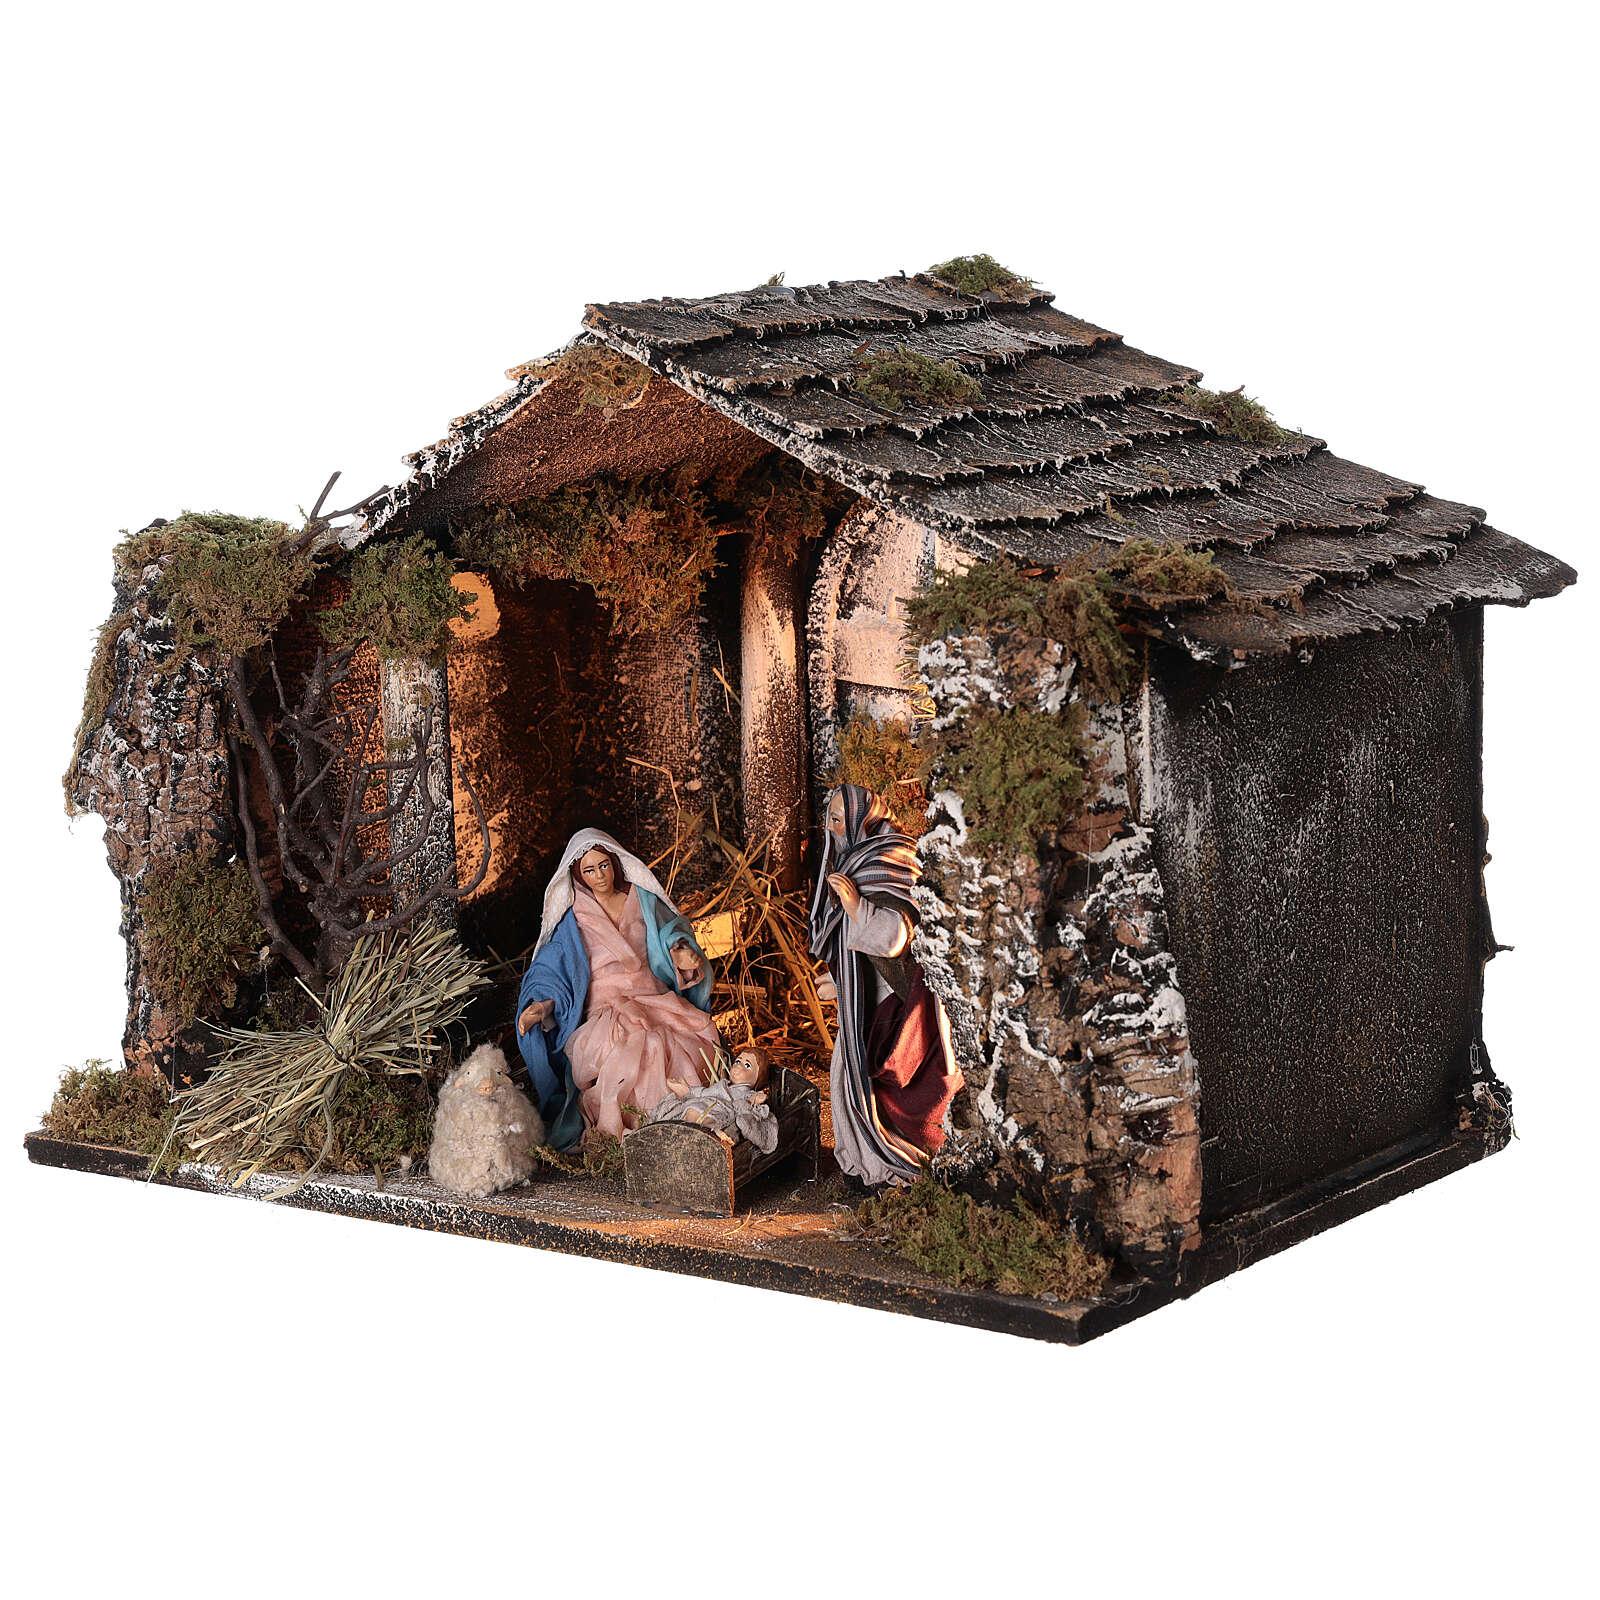 Capanna Natività illuminata statue terracotta 14 cm presepe napoletano 30x40x30 cm 4